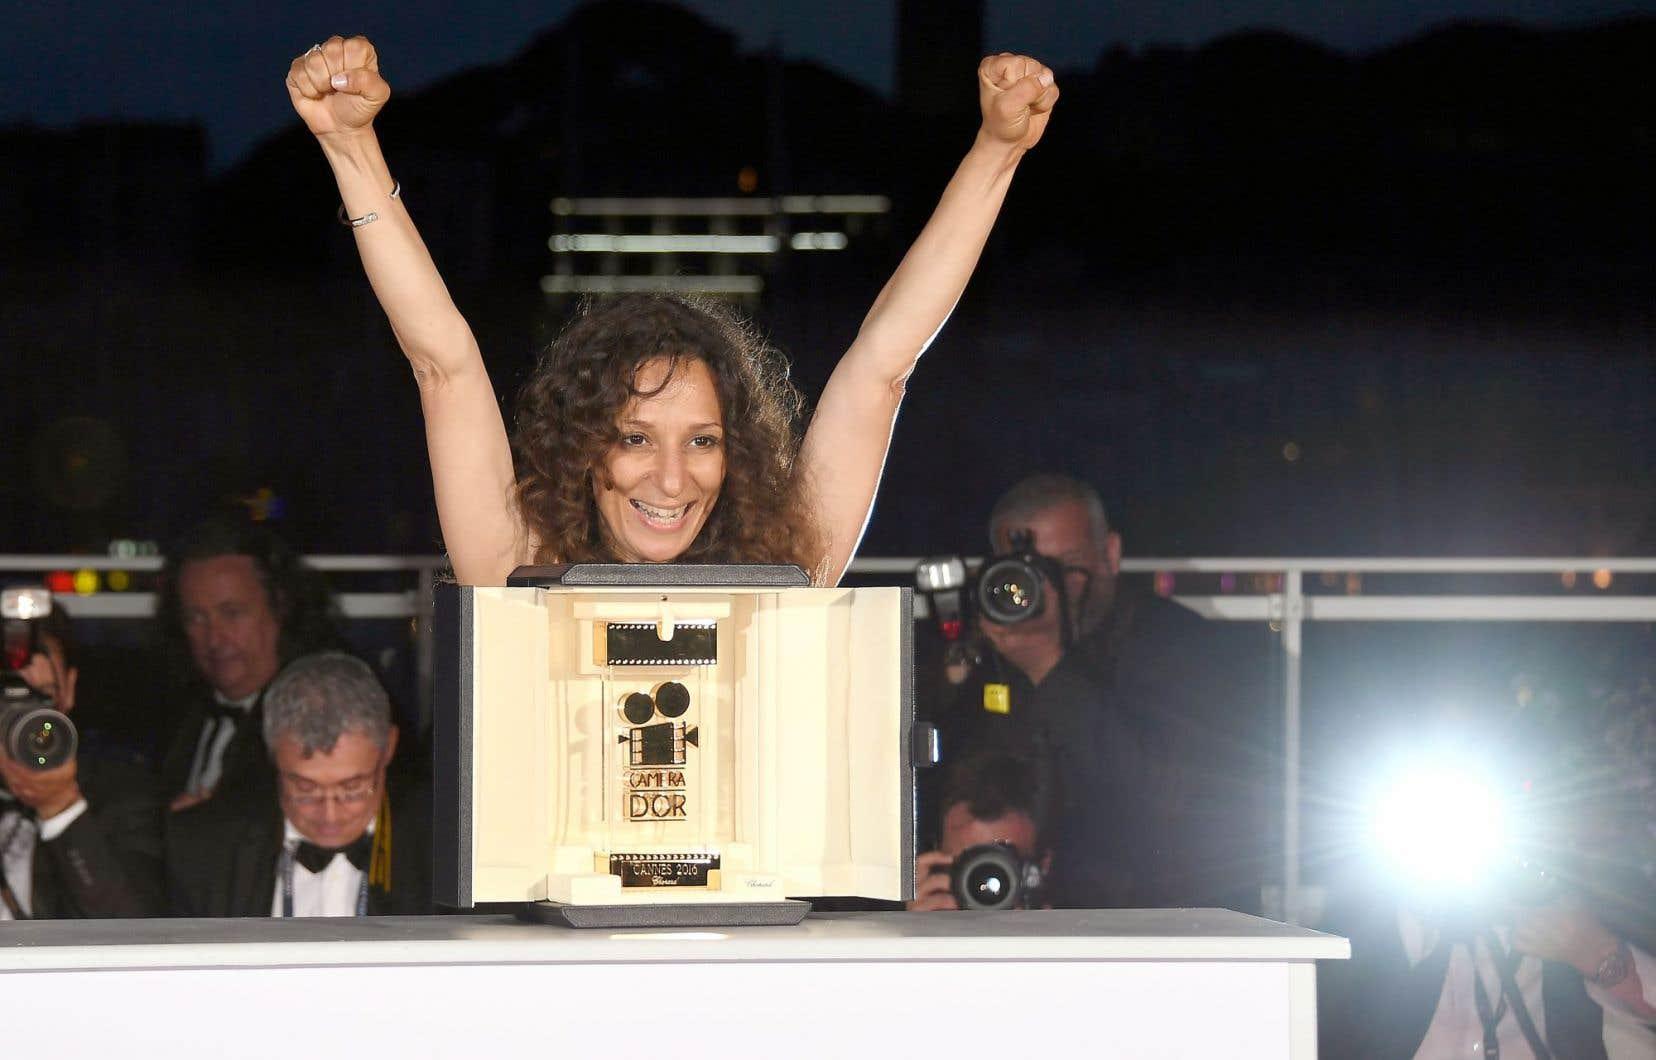 La cinéaste franco-marocaine Houda Benyamina recevant la Caméra d'or du meilleur premier long-métrage pour «Divines»